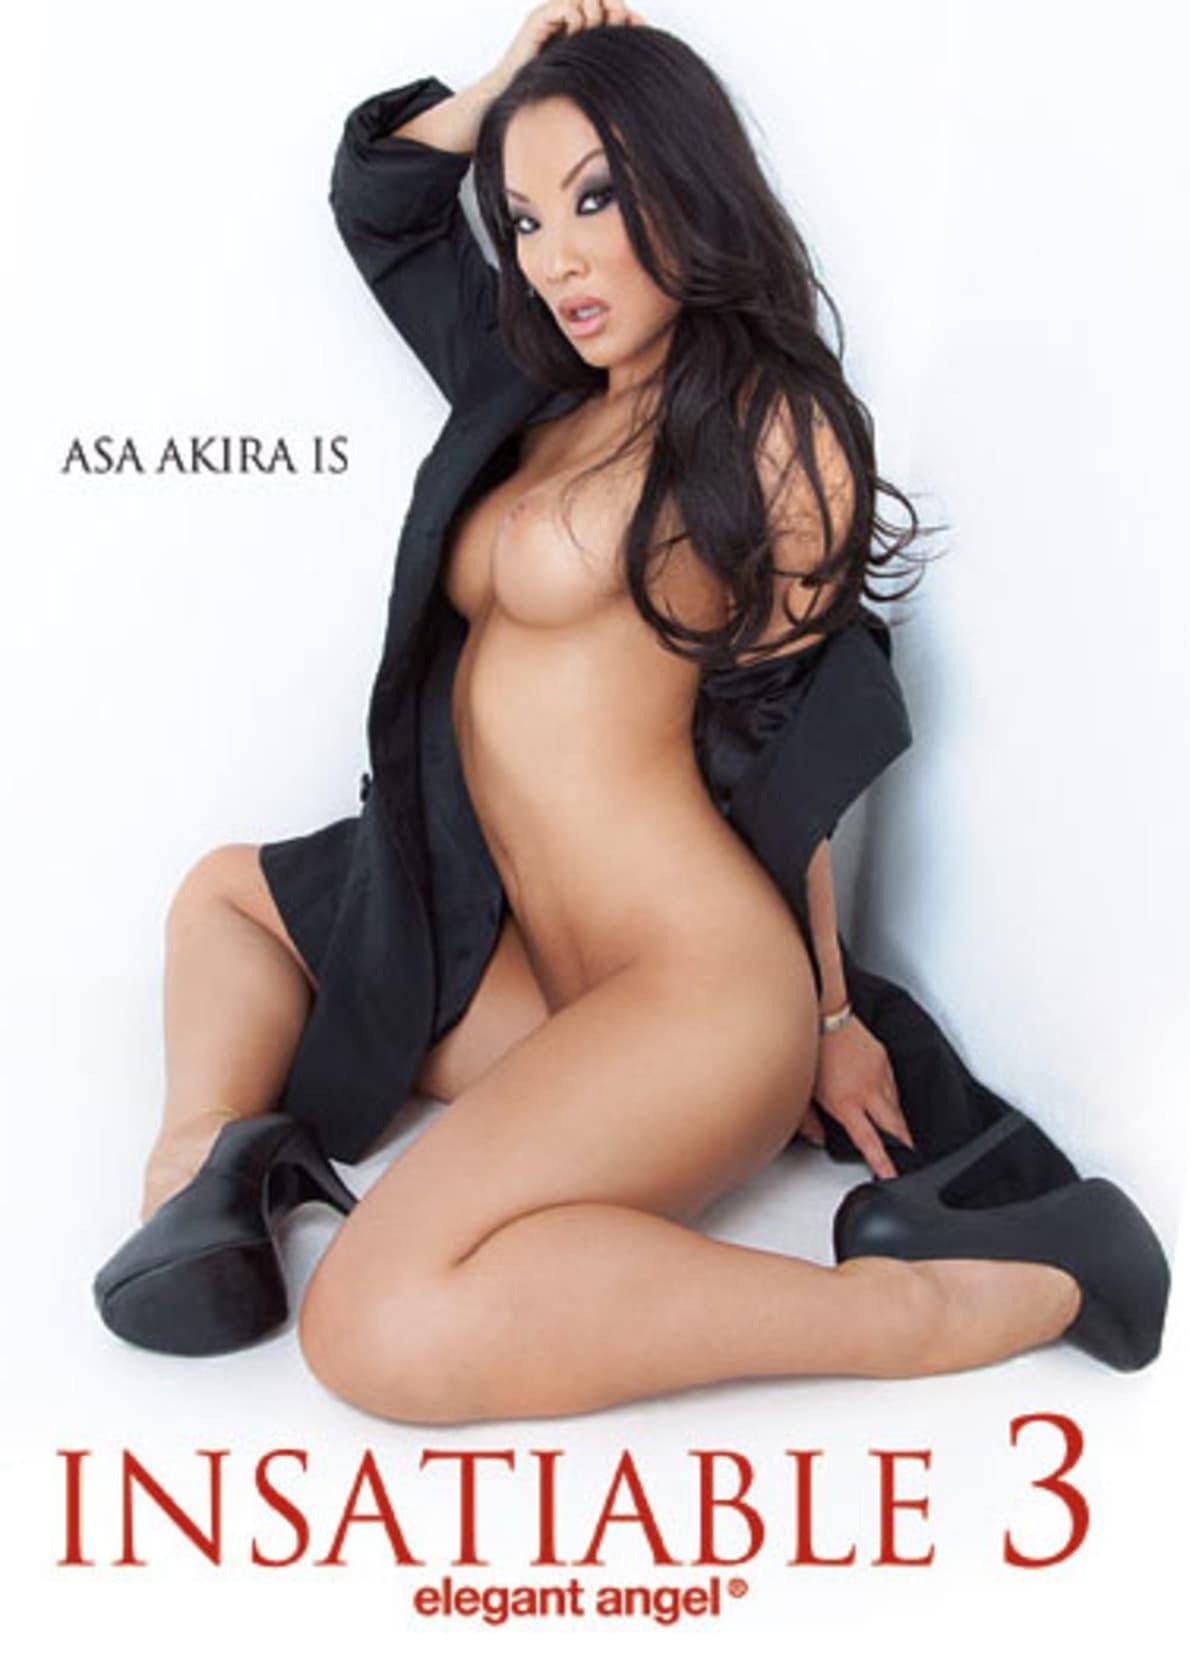 Смотреть онлайн аса акира 7 фотография